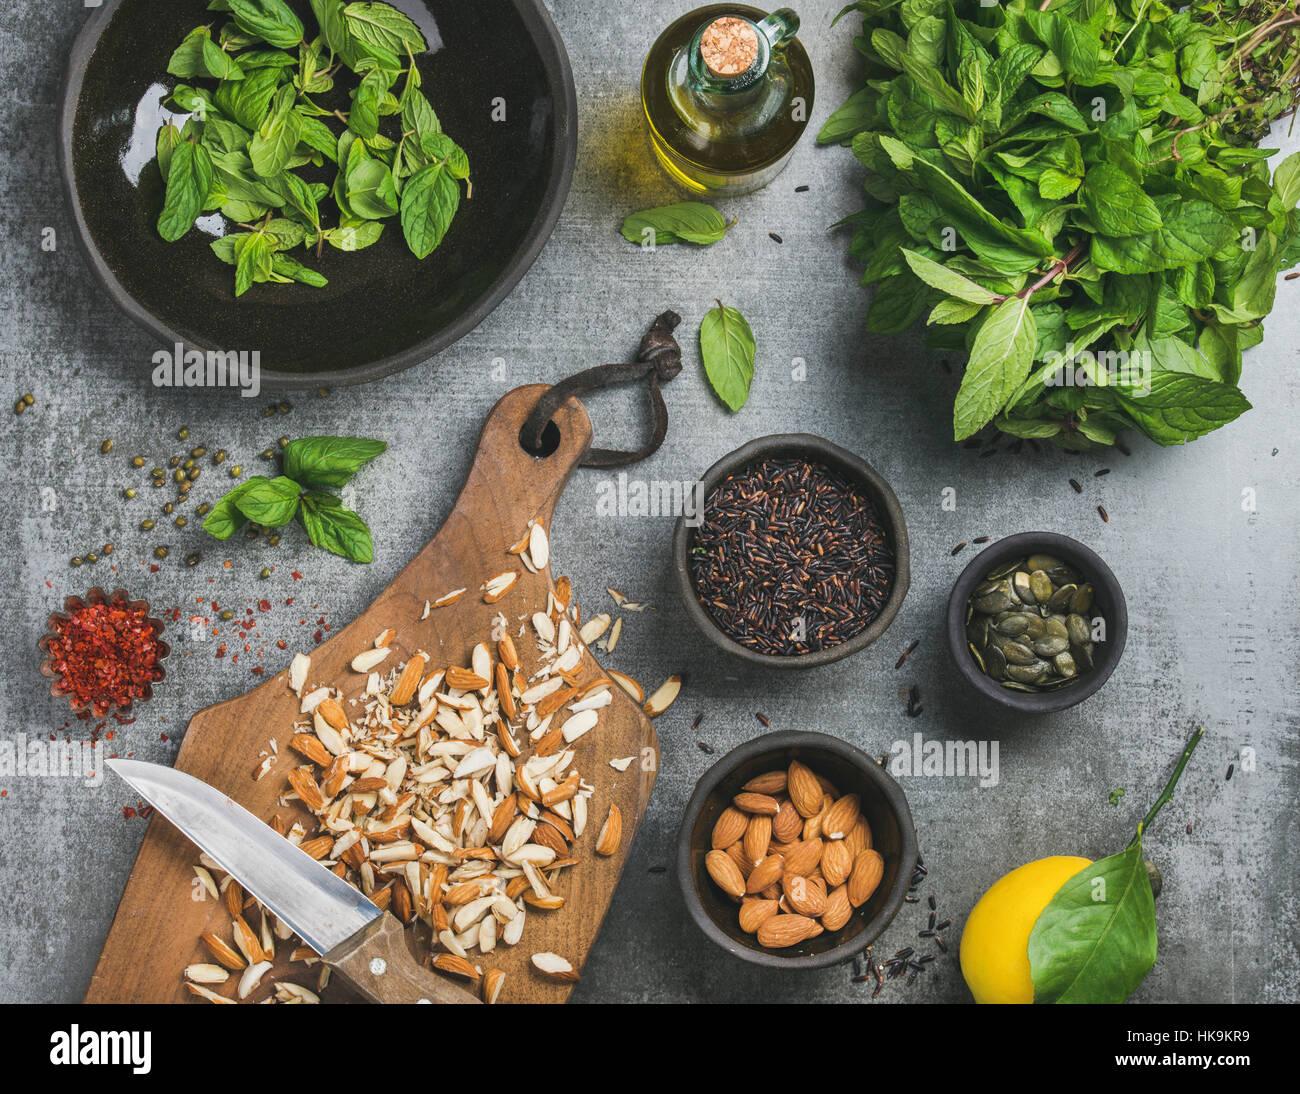 Saludable, vegetariano o vegano comer limpio ingredientes de cocina. Almendras picadas, menta fresca, aceite, arroz Imagen De Stock